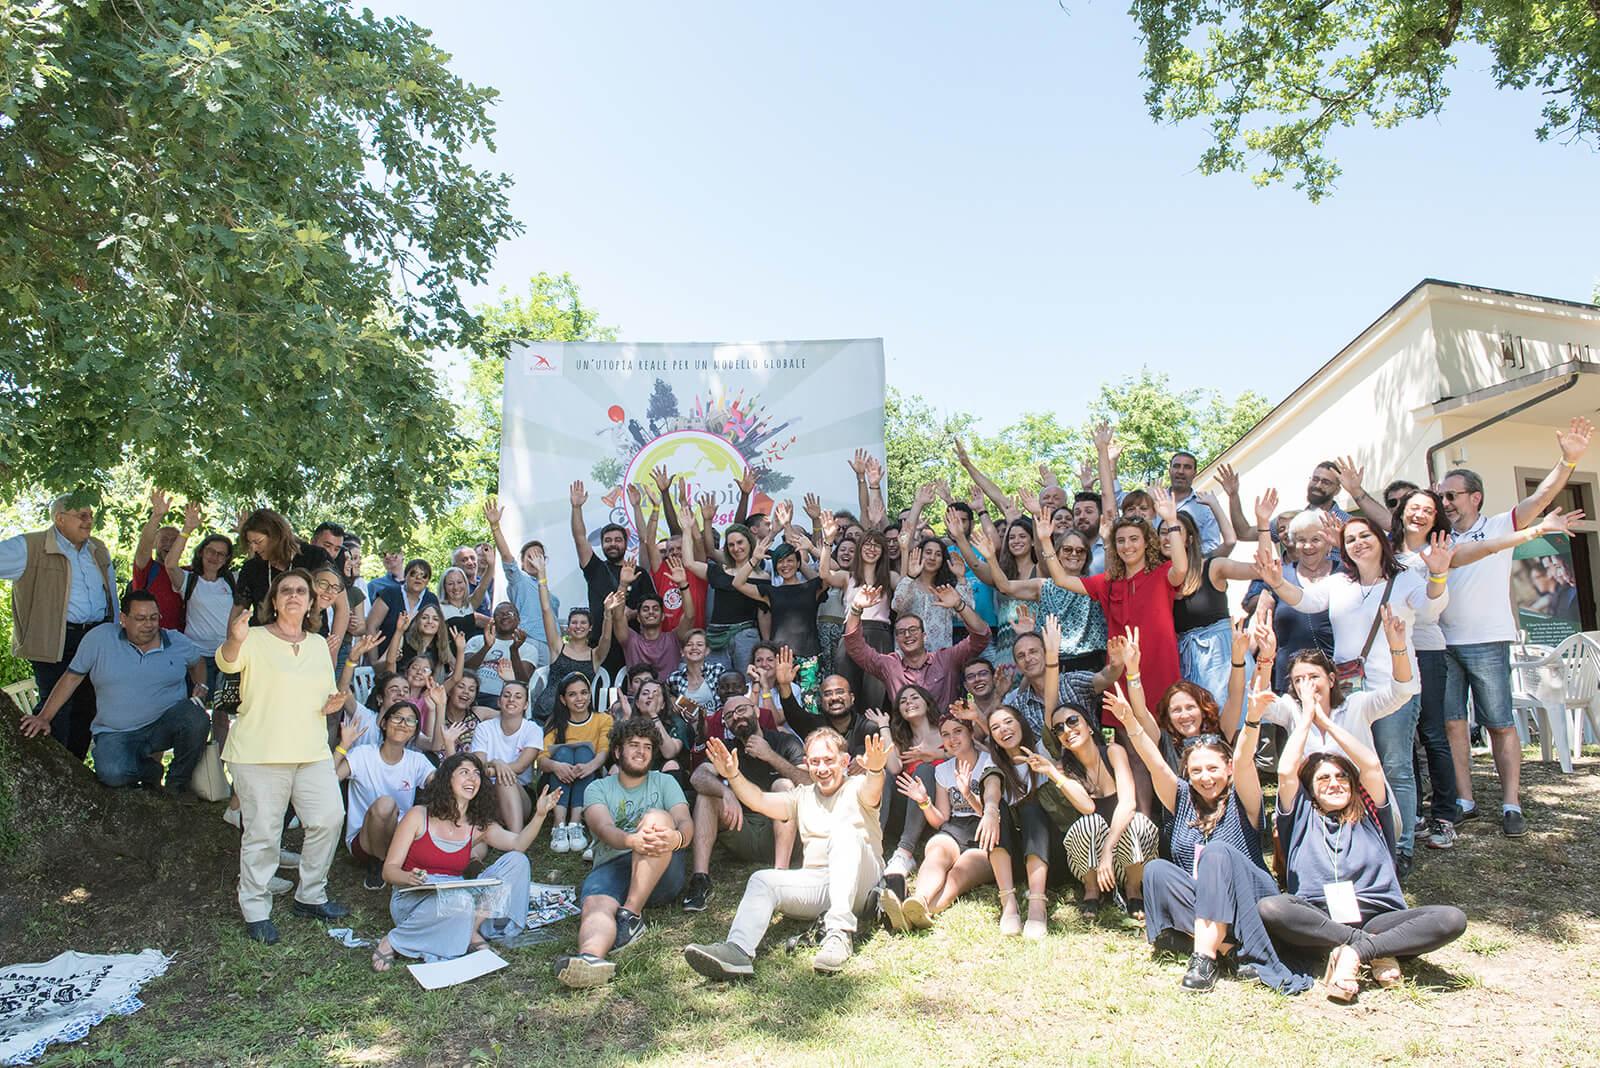 Un'utopia reale per un modello globale. A Rondine si chiude anche la terza edizione di YouTopic Fest